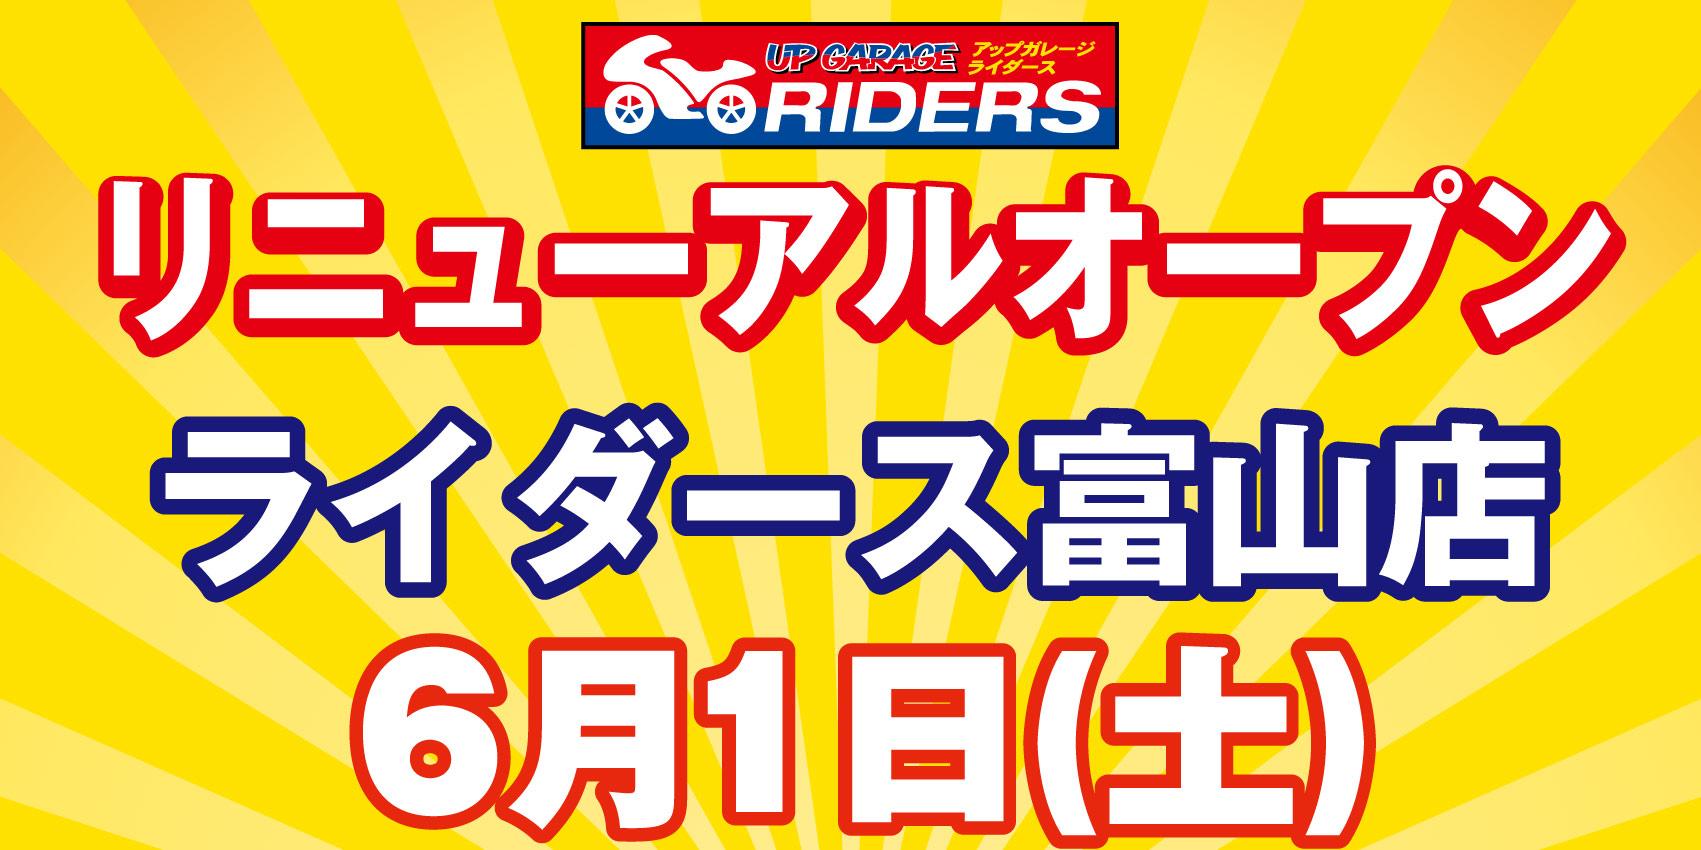 【ライダース富山店】リニューアルオープン!